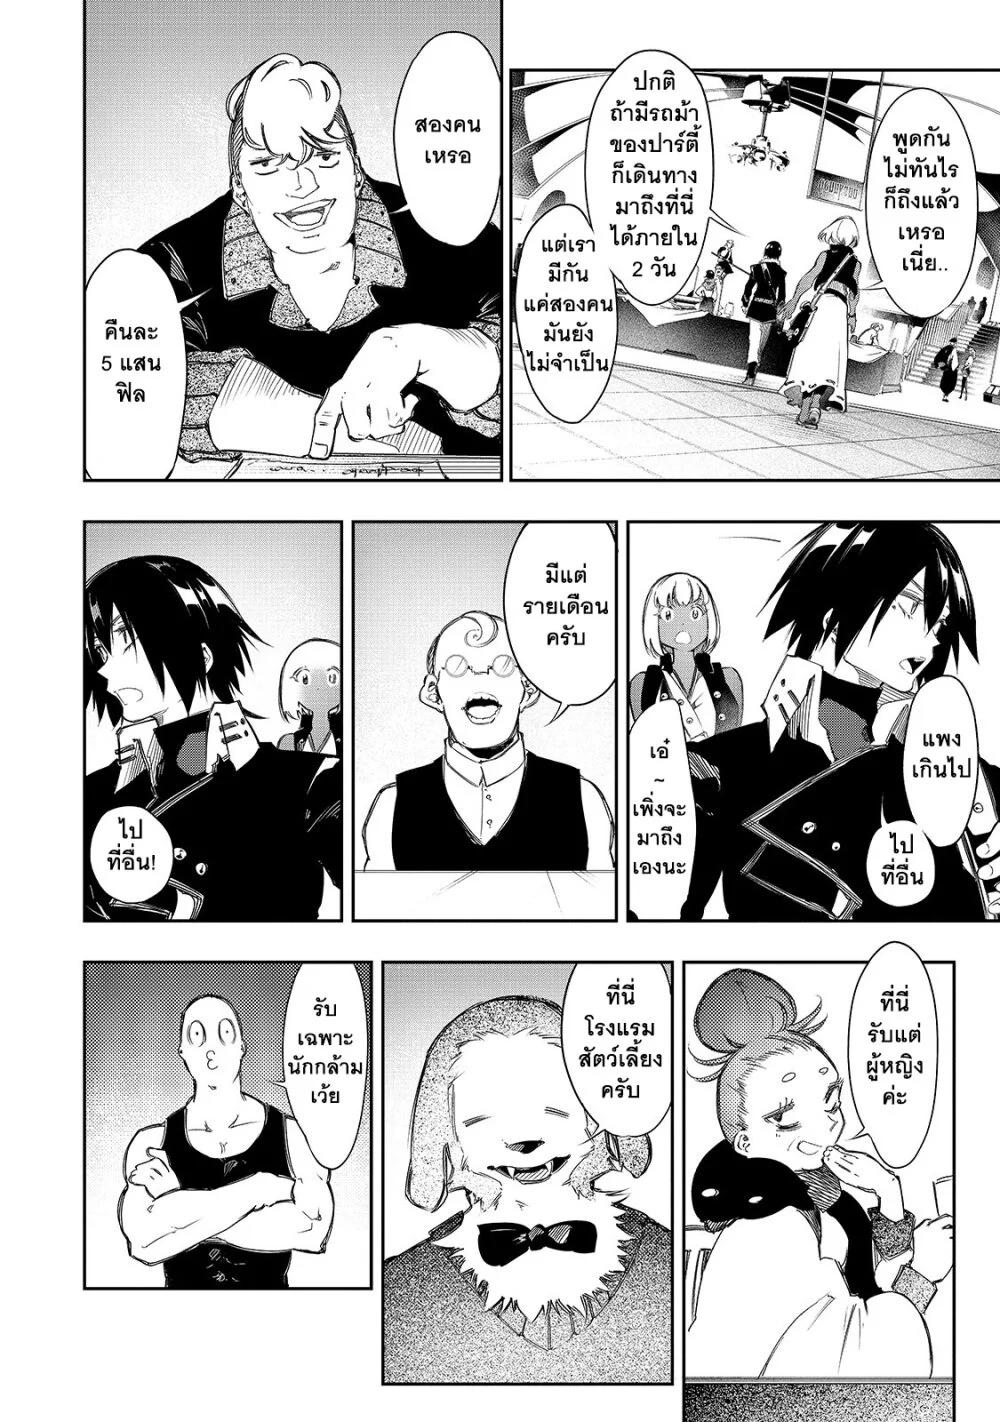 อ่านการ์ตูน Saikyou no Shien-shoku Wajutsushi Dearu Ore wa Sekai Saikyou Kuran o Shitagaeru ตอนที่ 12 หน้าที่ 9